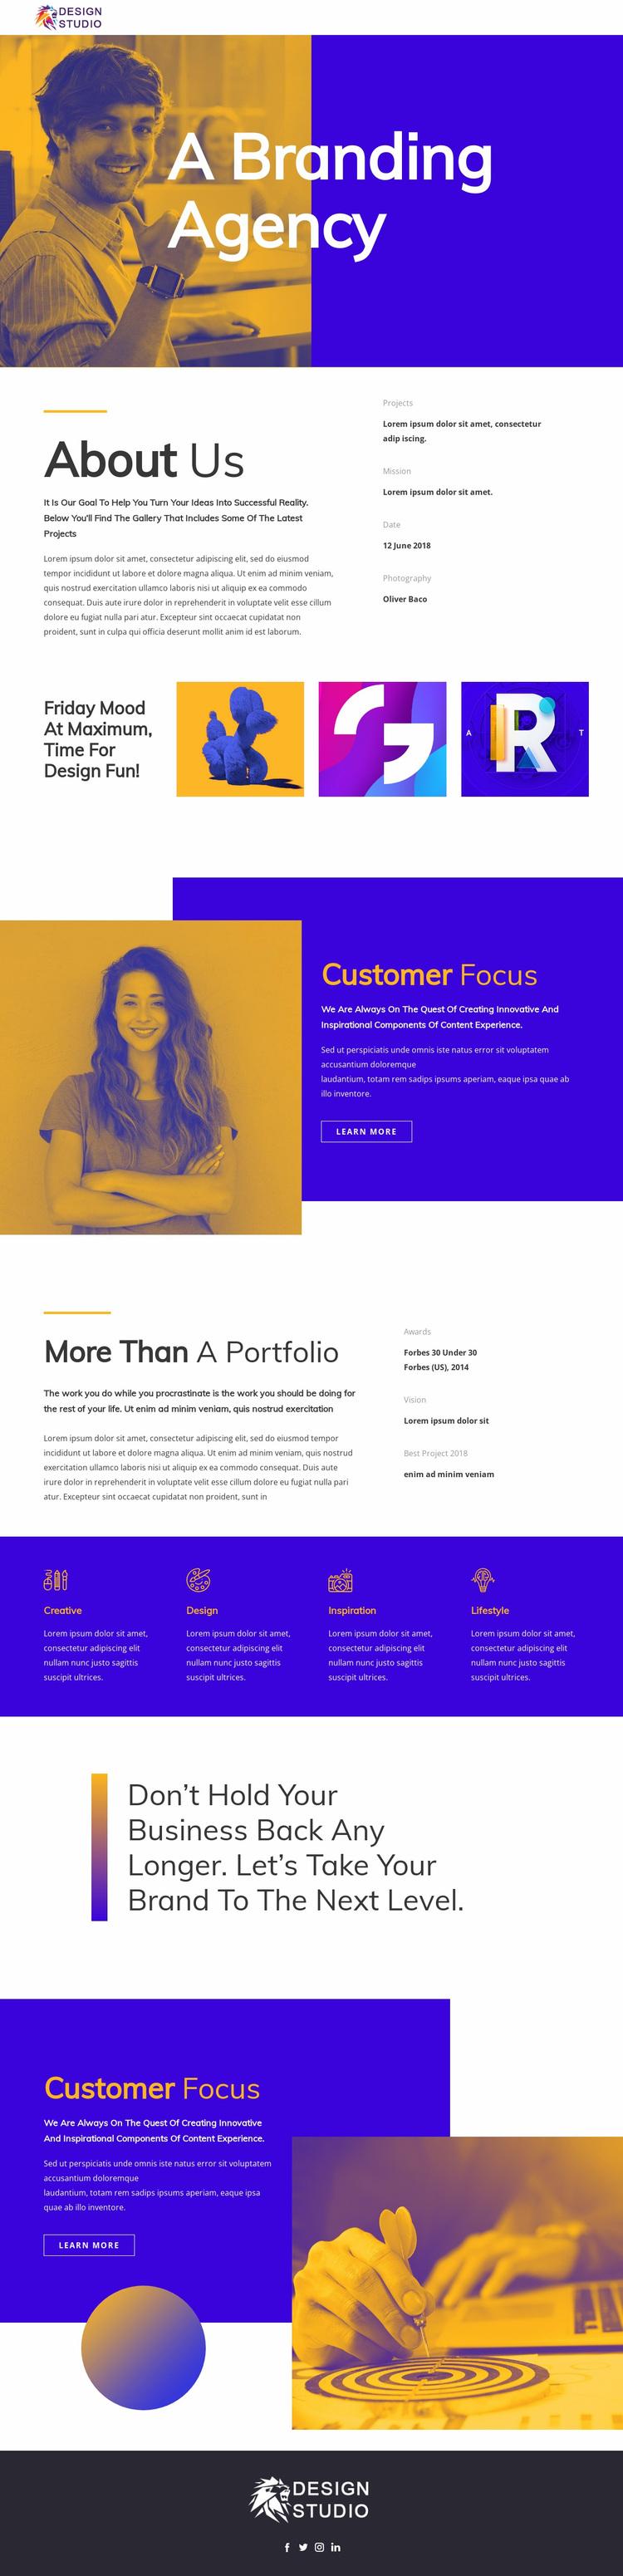 Branding agency for startup Website Design